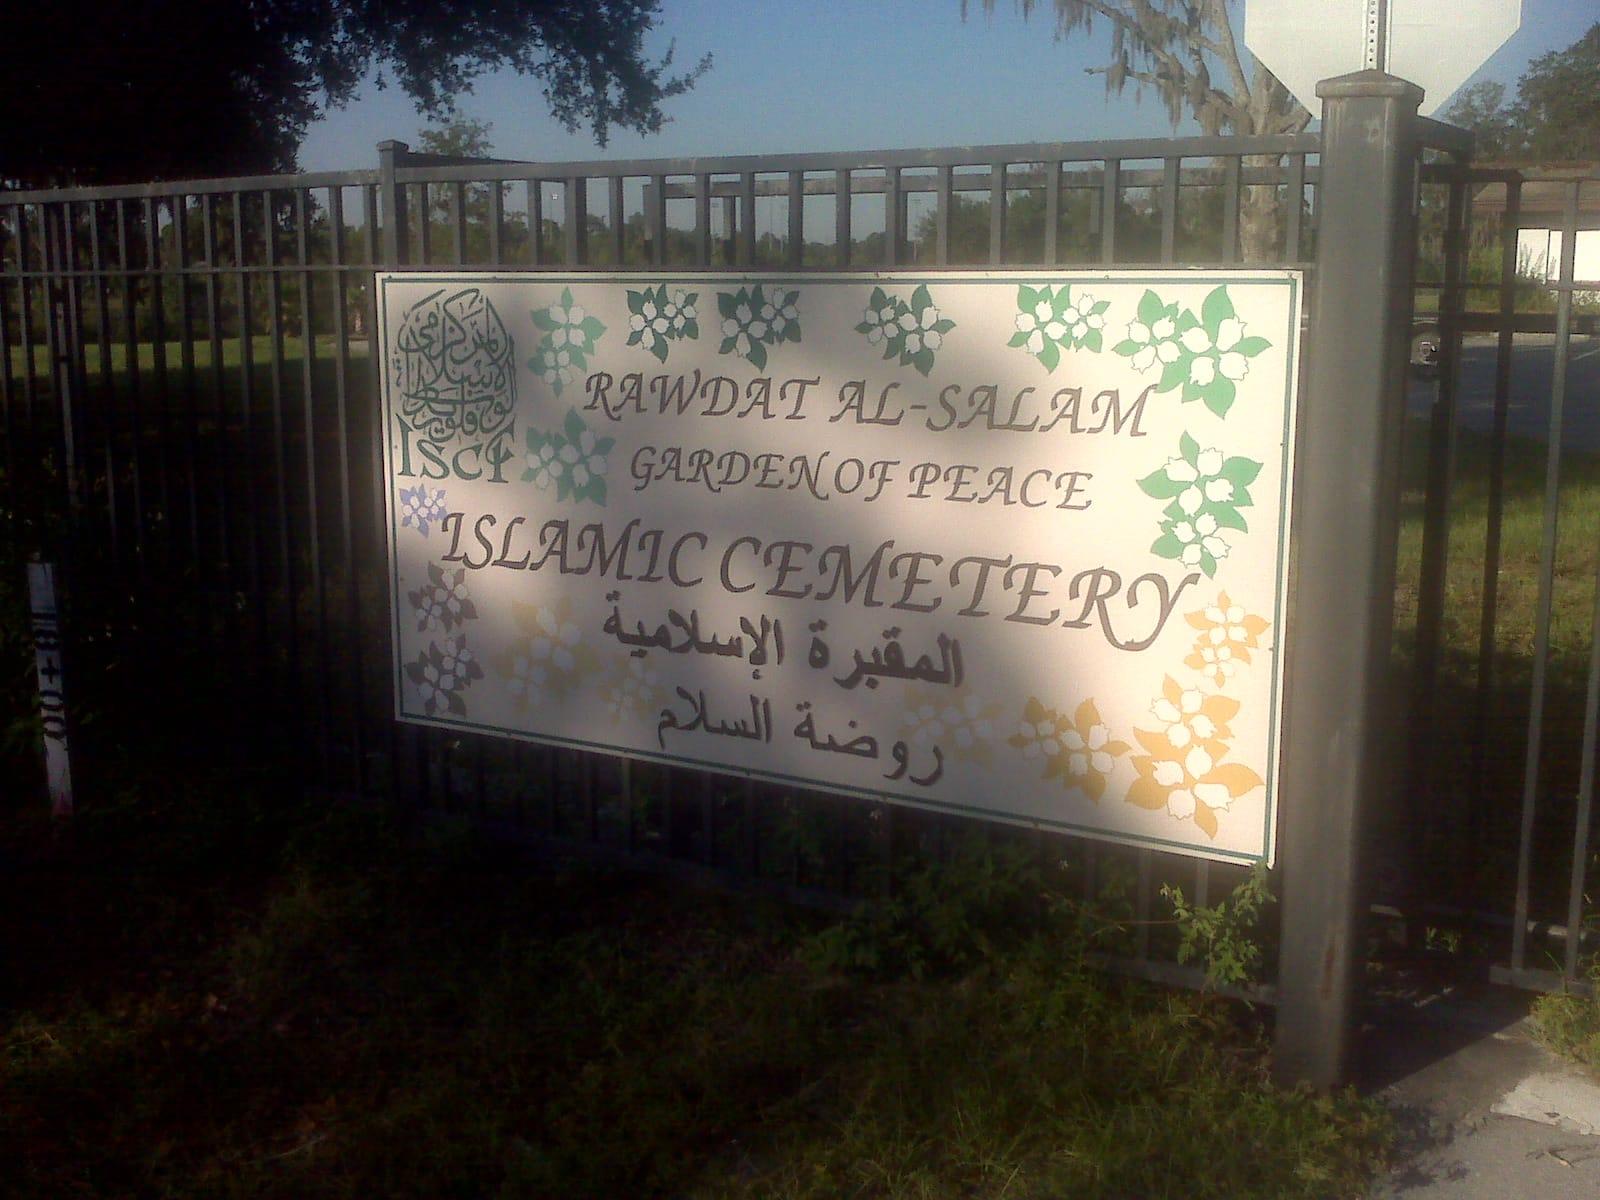 rawdat-al-salam-garden-of